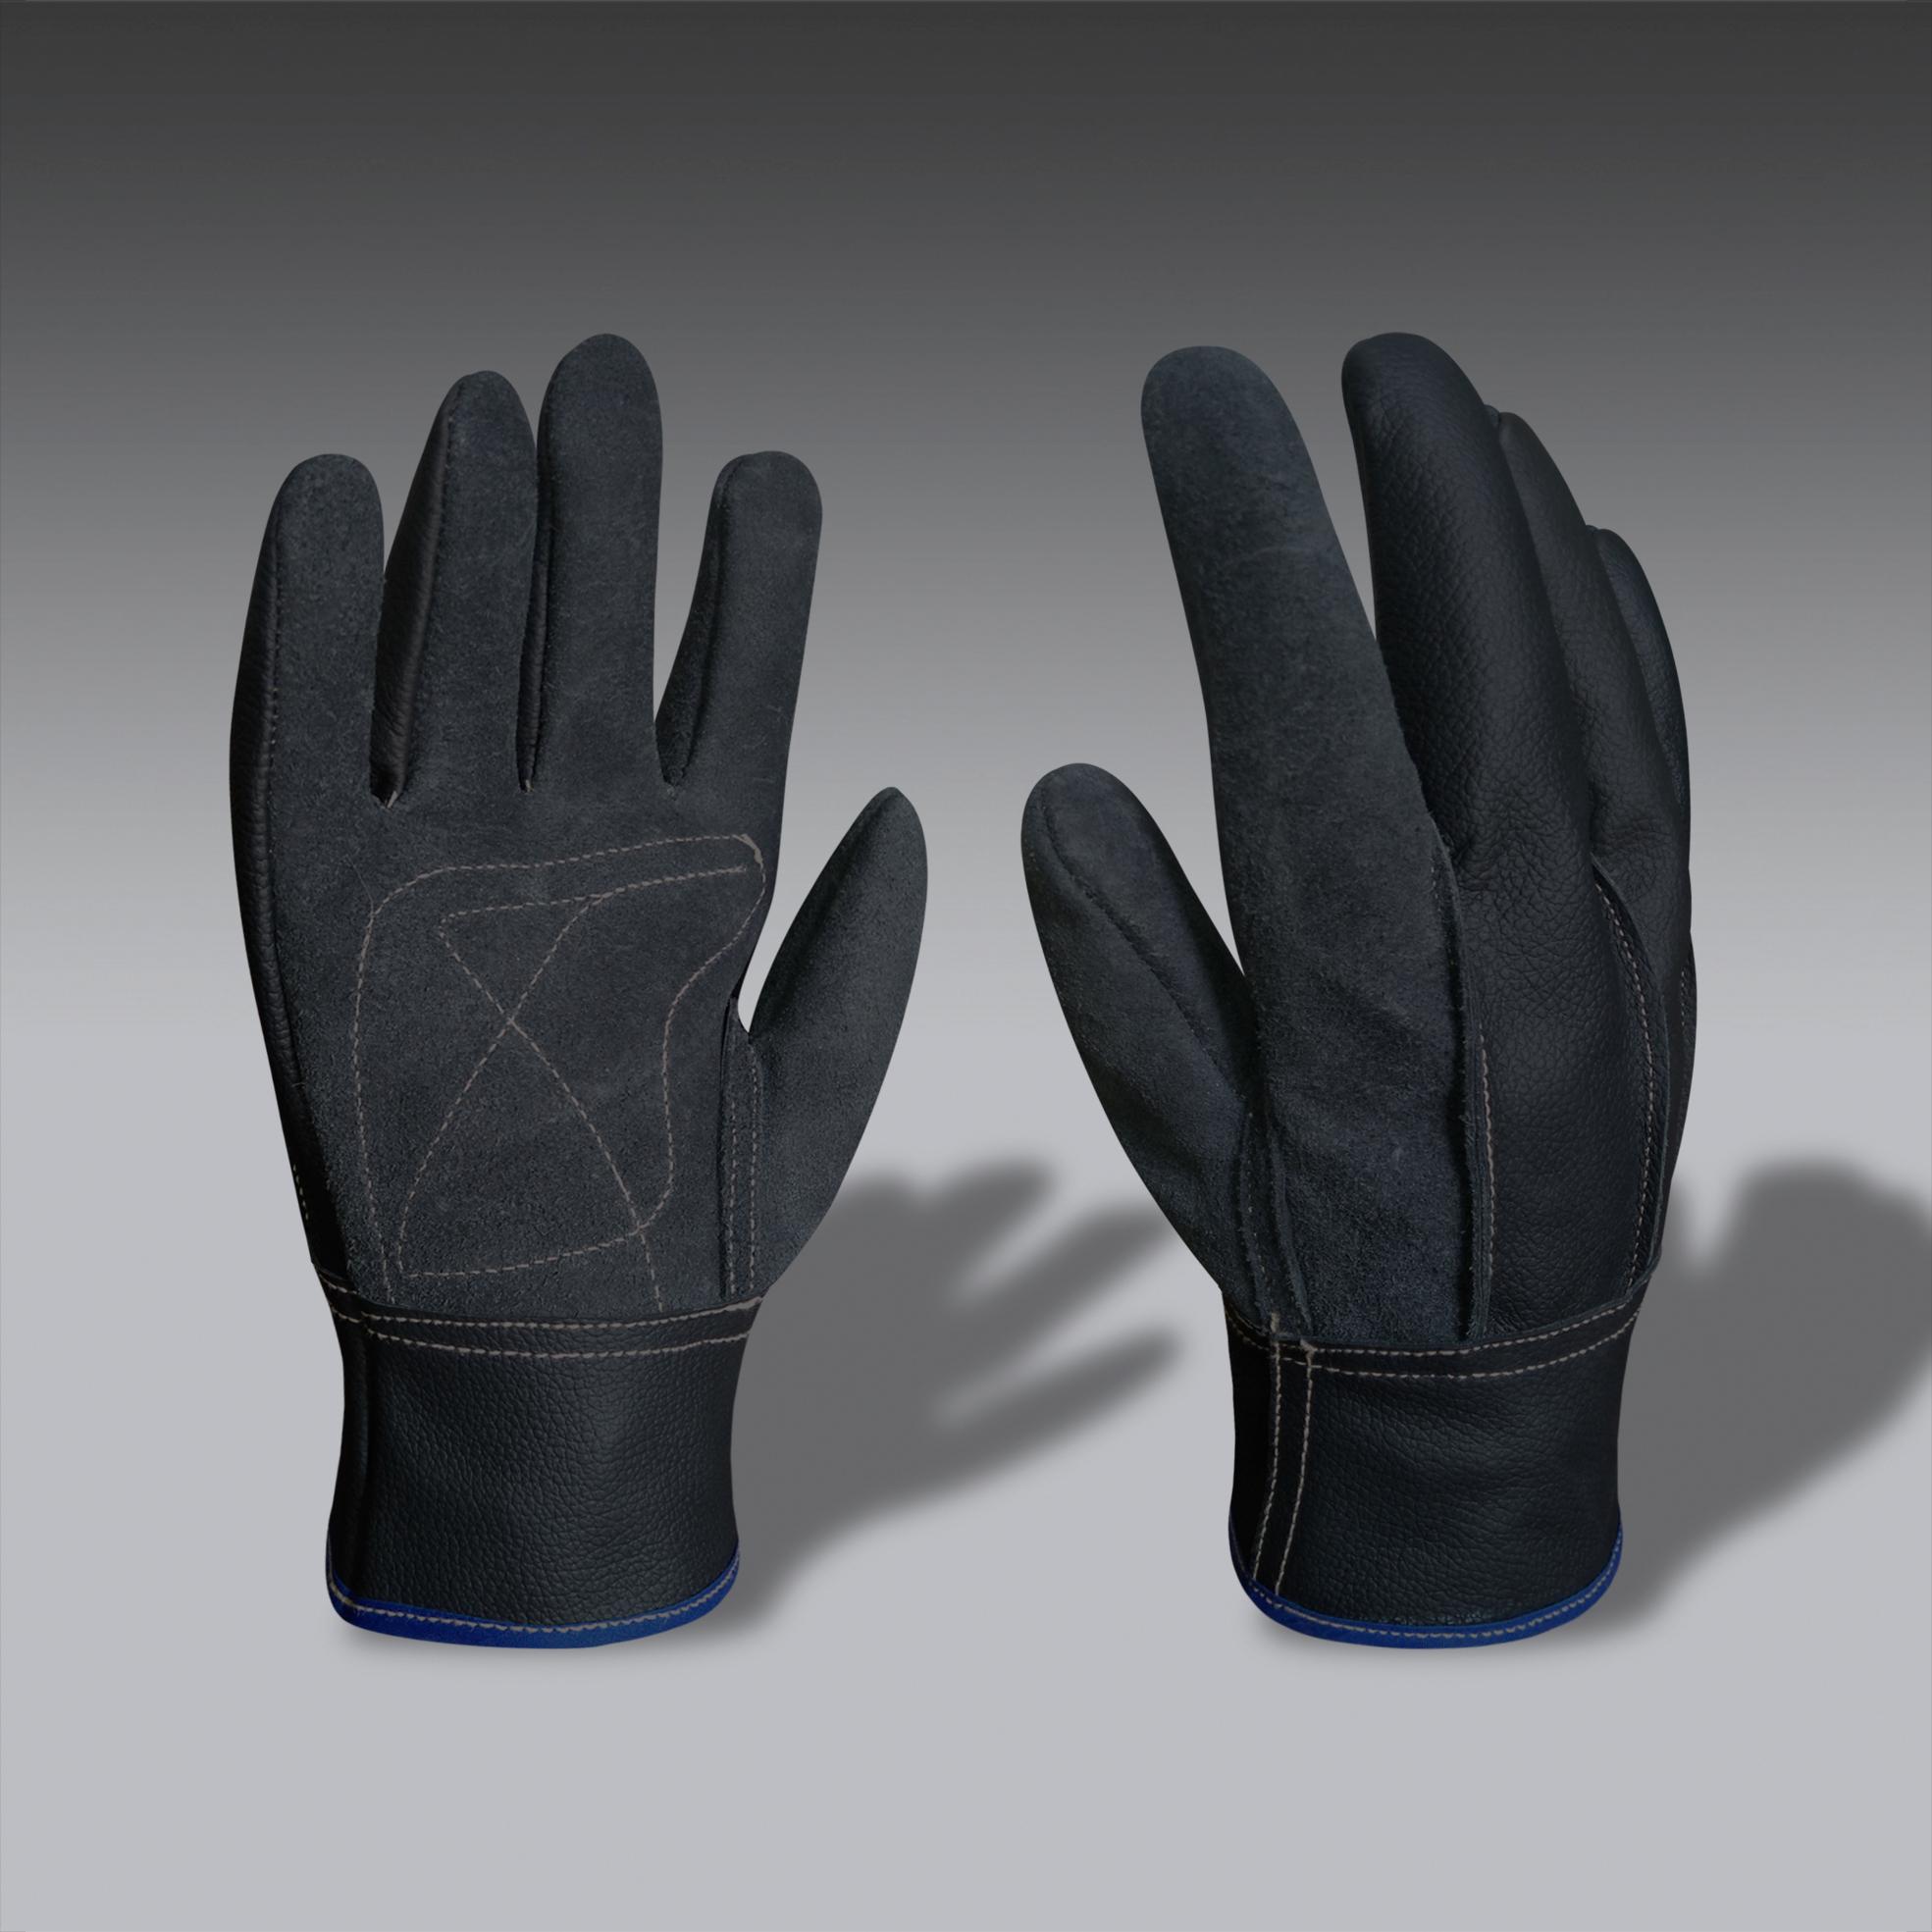 guantes para la seguridad industrial modelo CarEco 01 guantes de seguridad industrial modelo CarEco 01